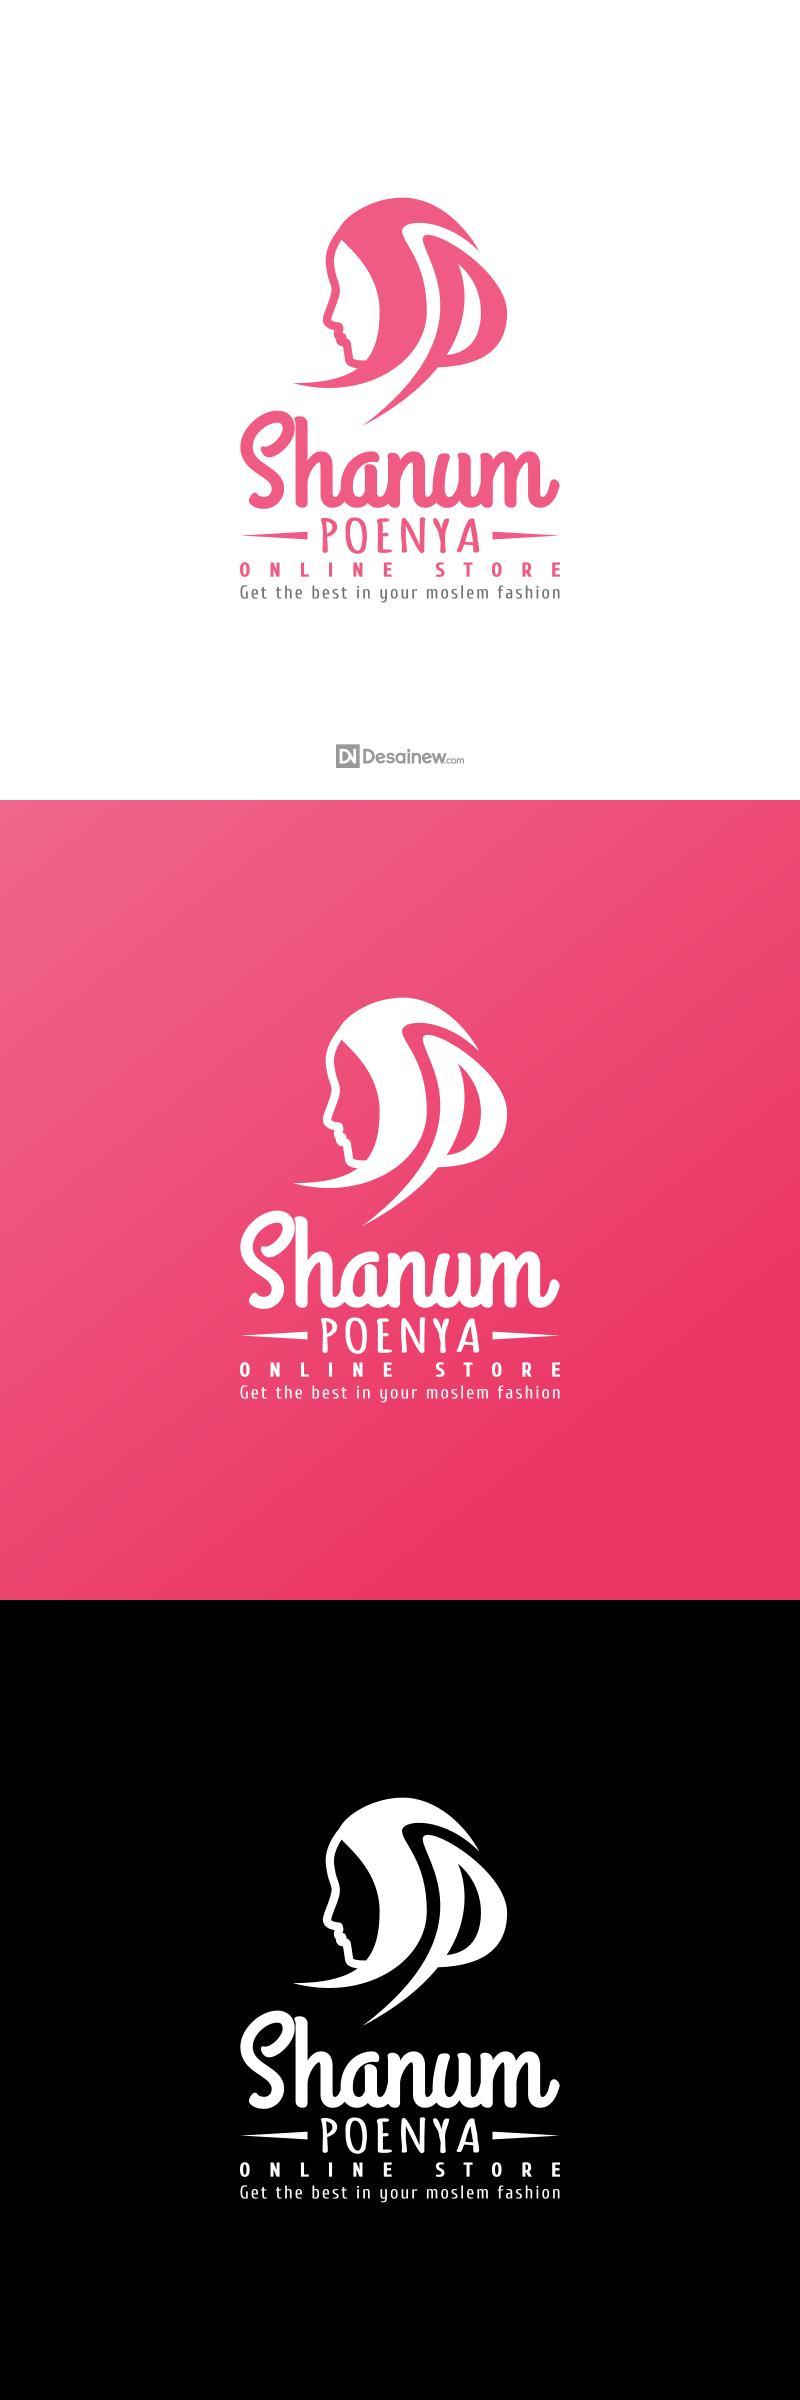 Shanum Poenya Logo Design Project Portfolio Desainew Studio